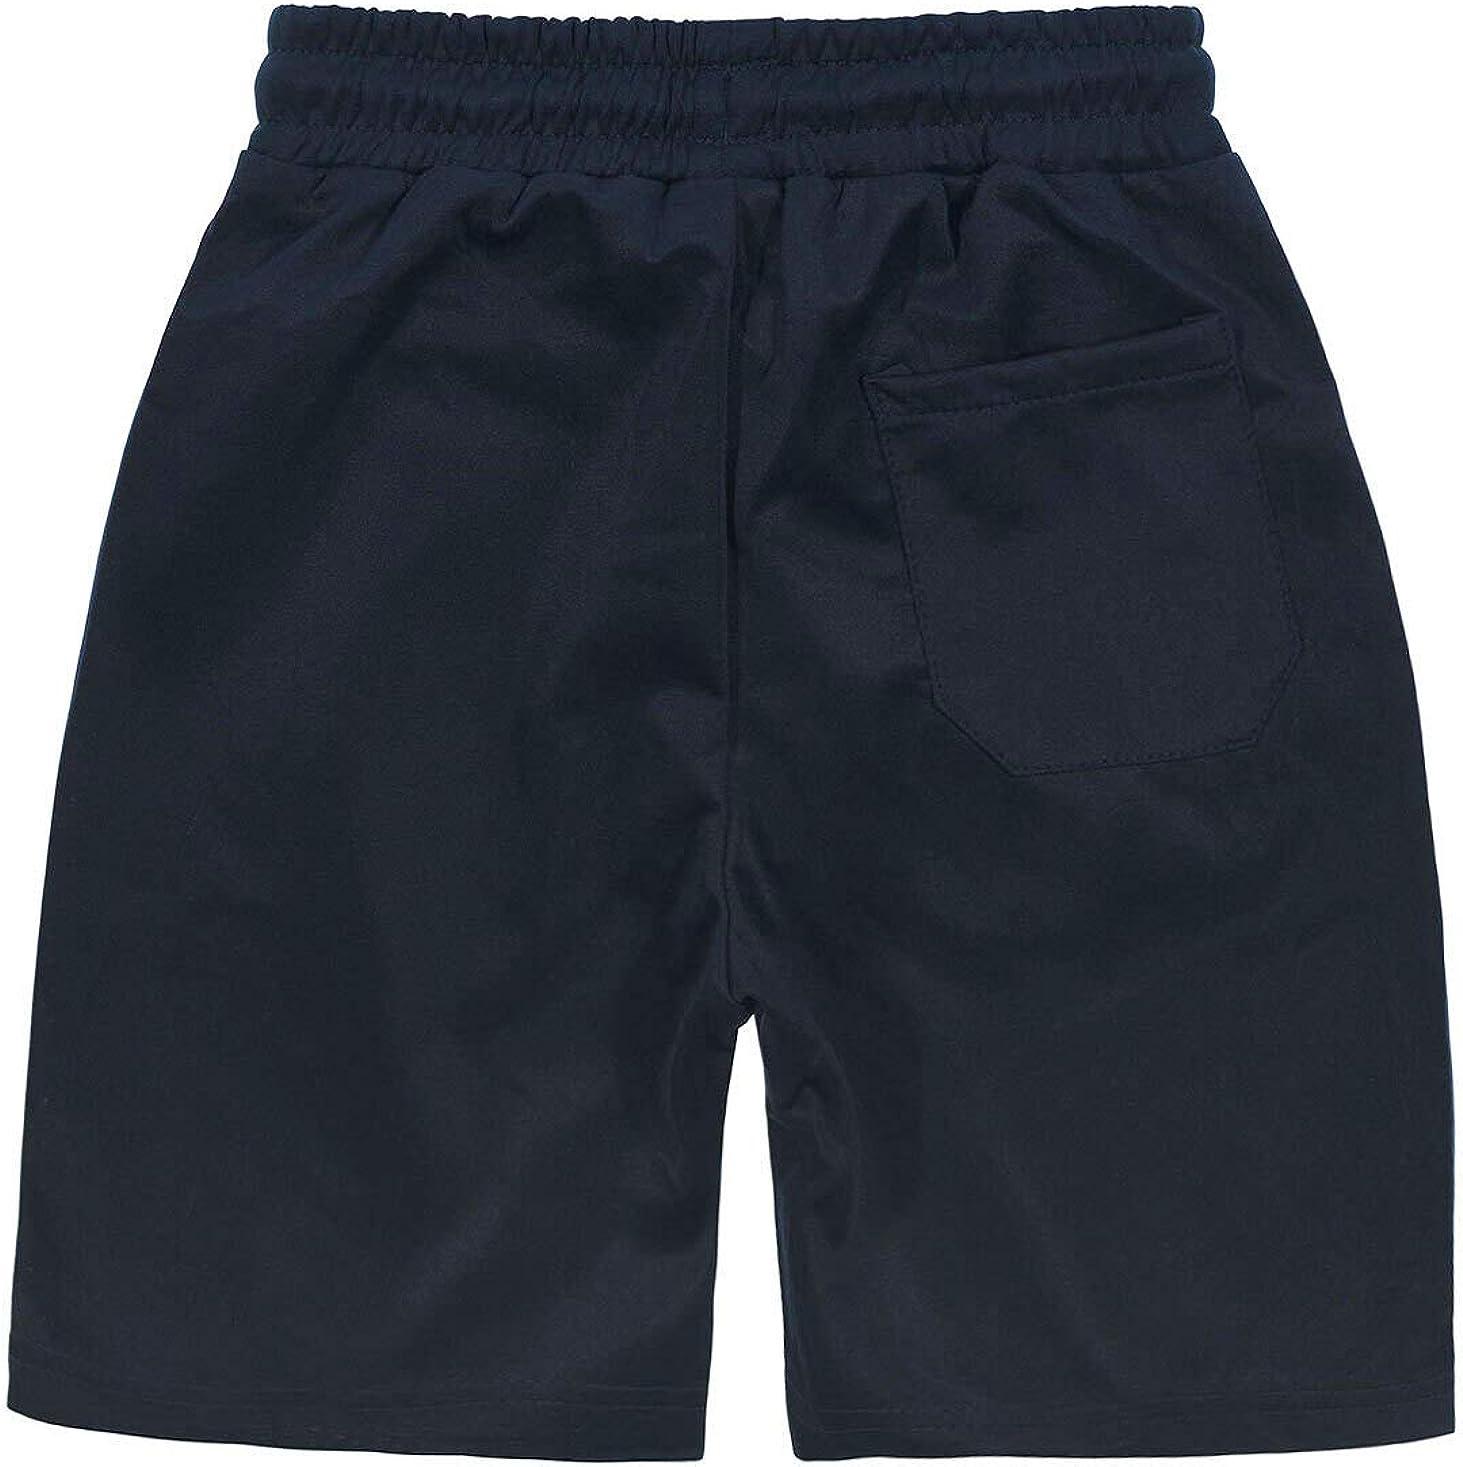 Hello Boy Jungen Kinder Shorts 30075